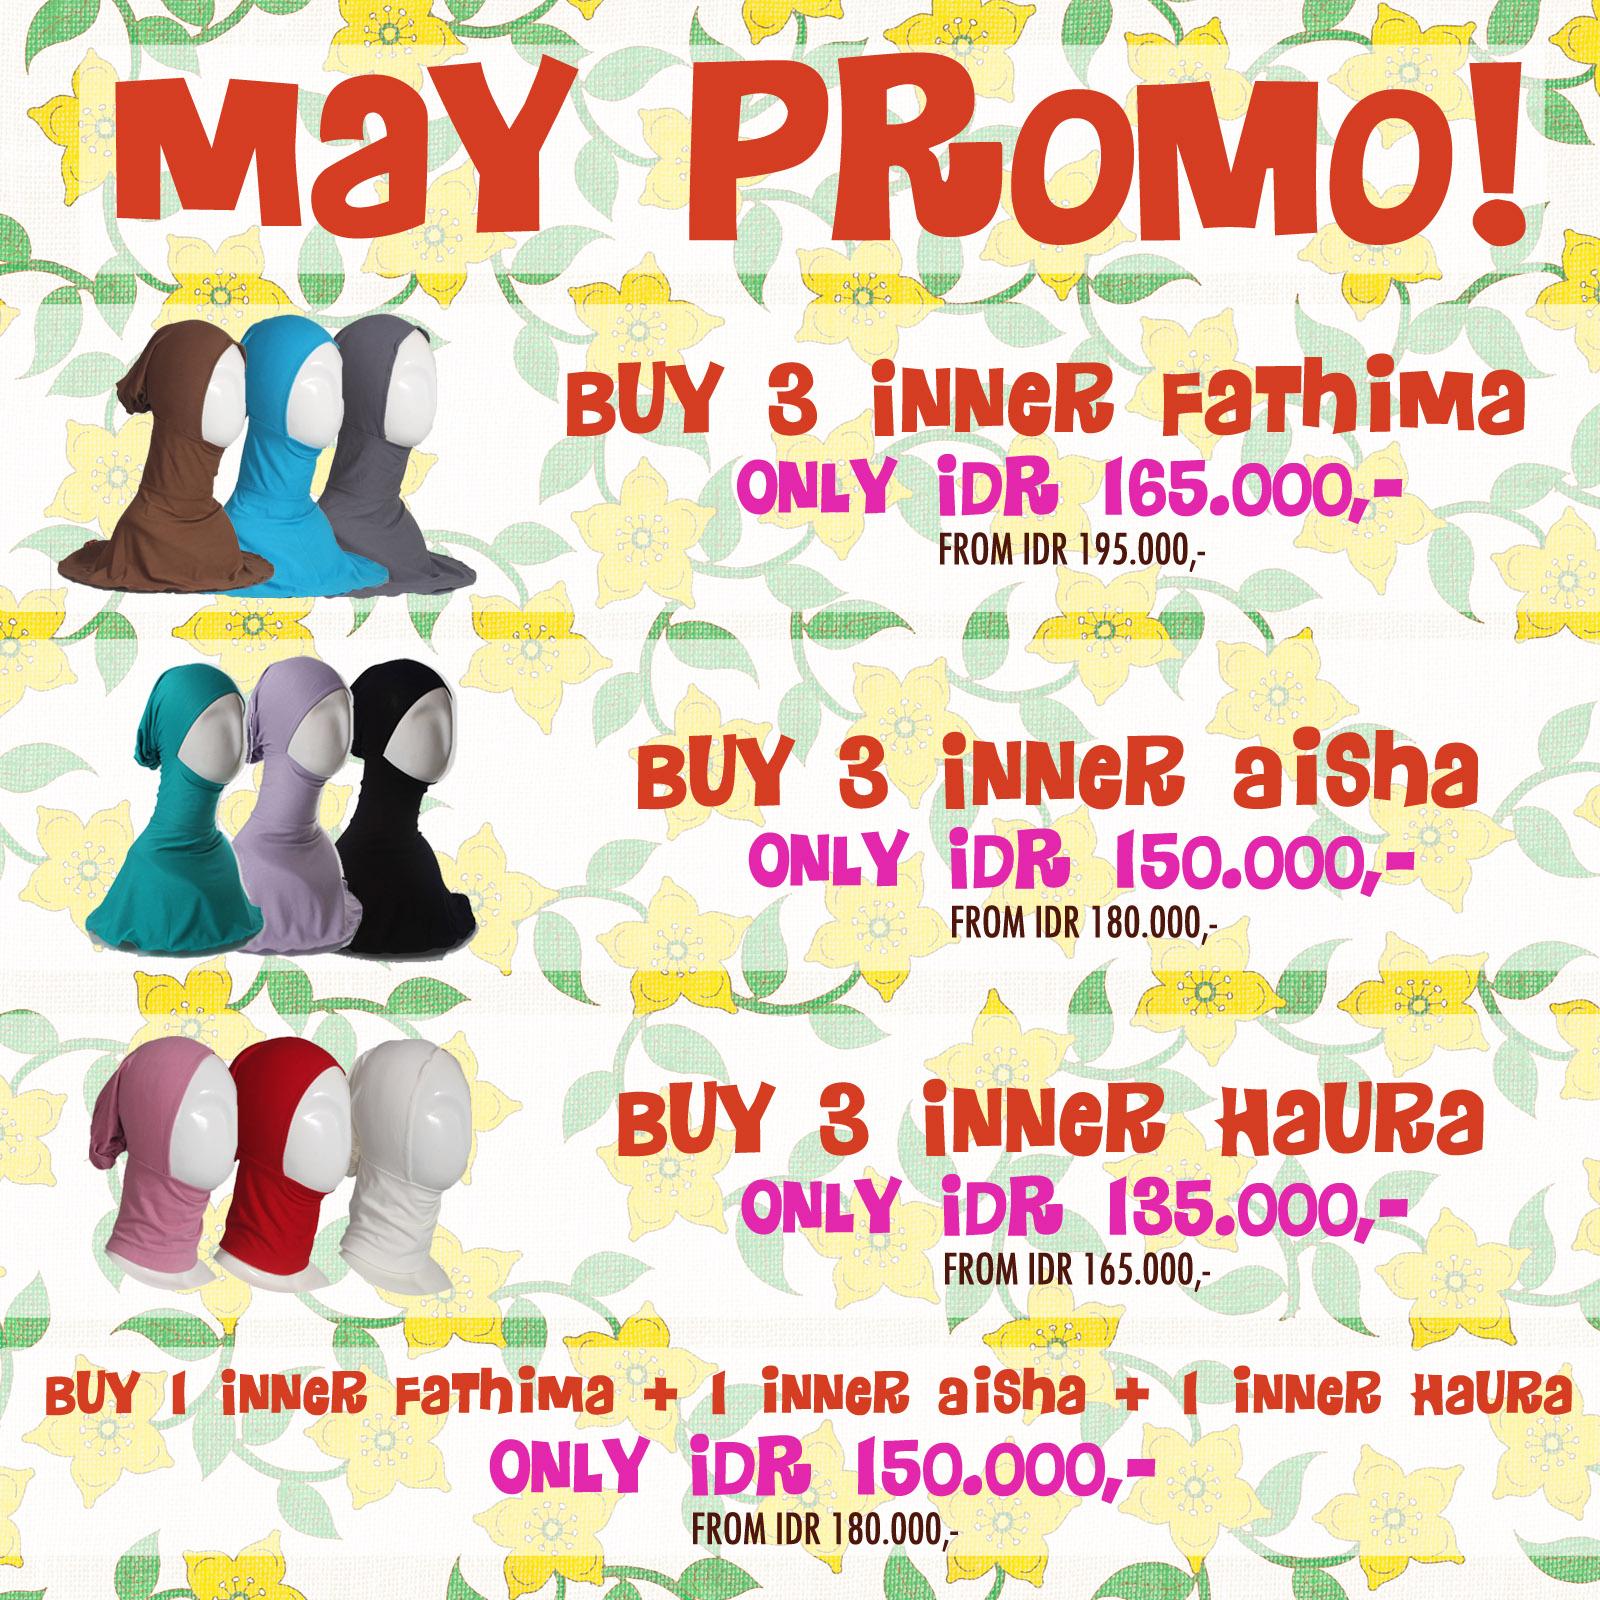 may-promo MISLA May Promo!